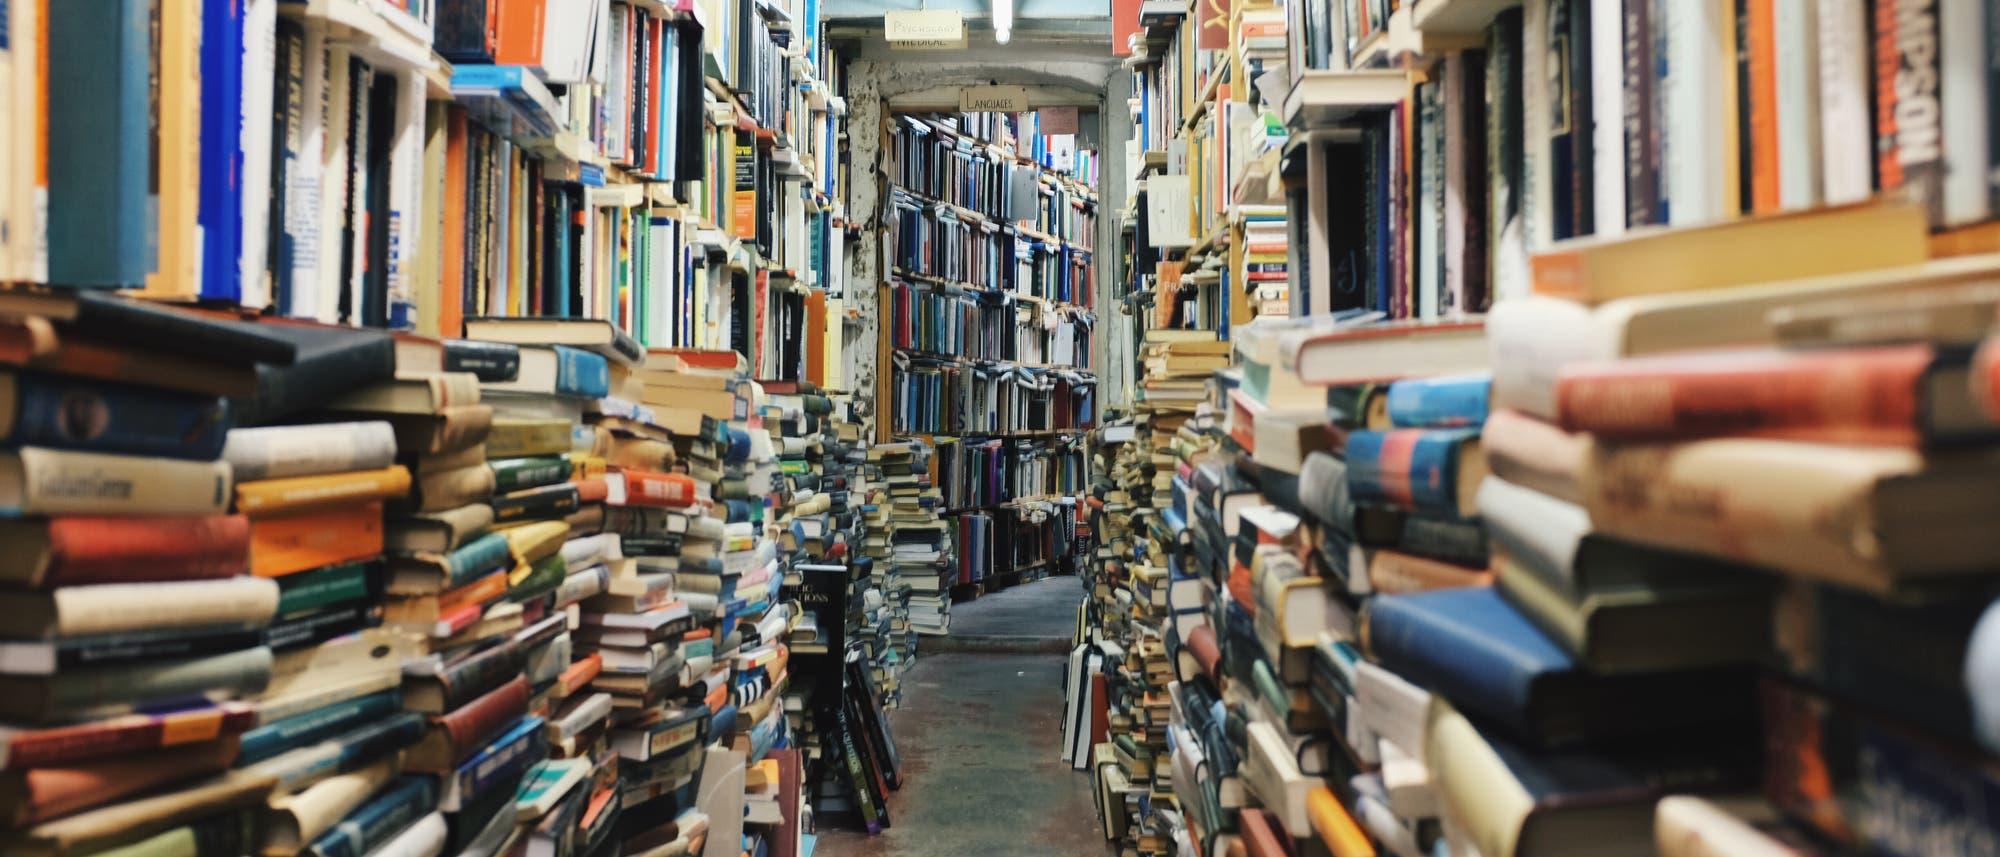 enger Gang zwischen gestapelten Büchern vor vollen Bücherregalen